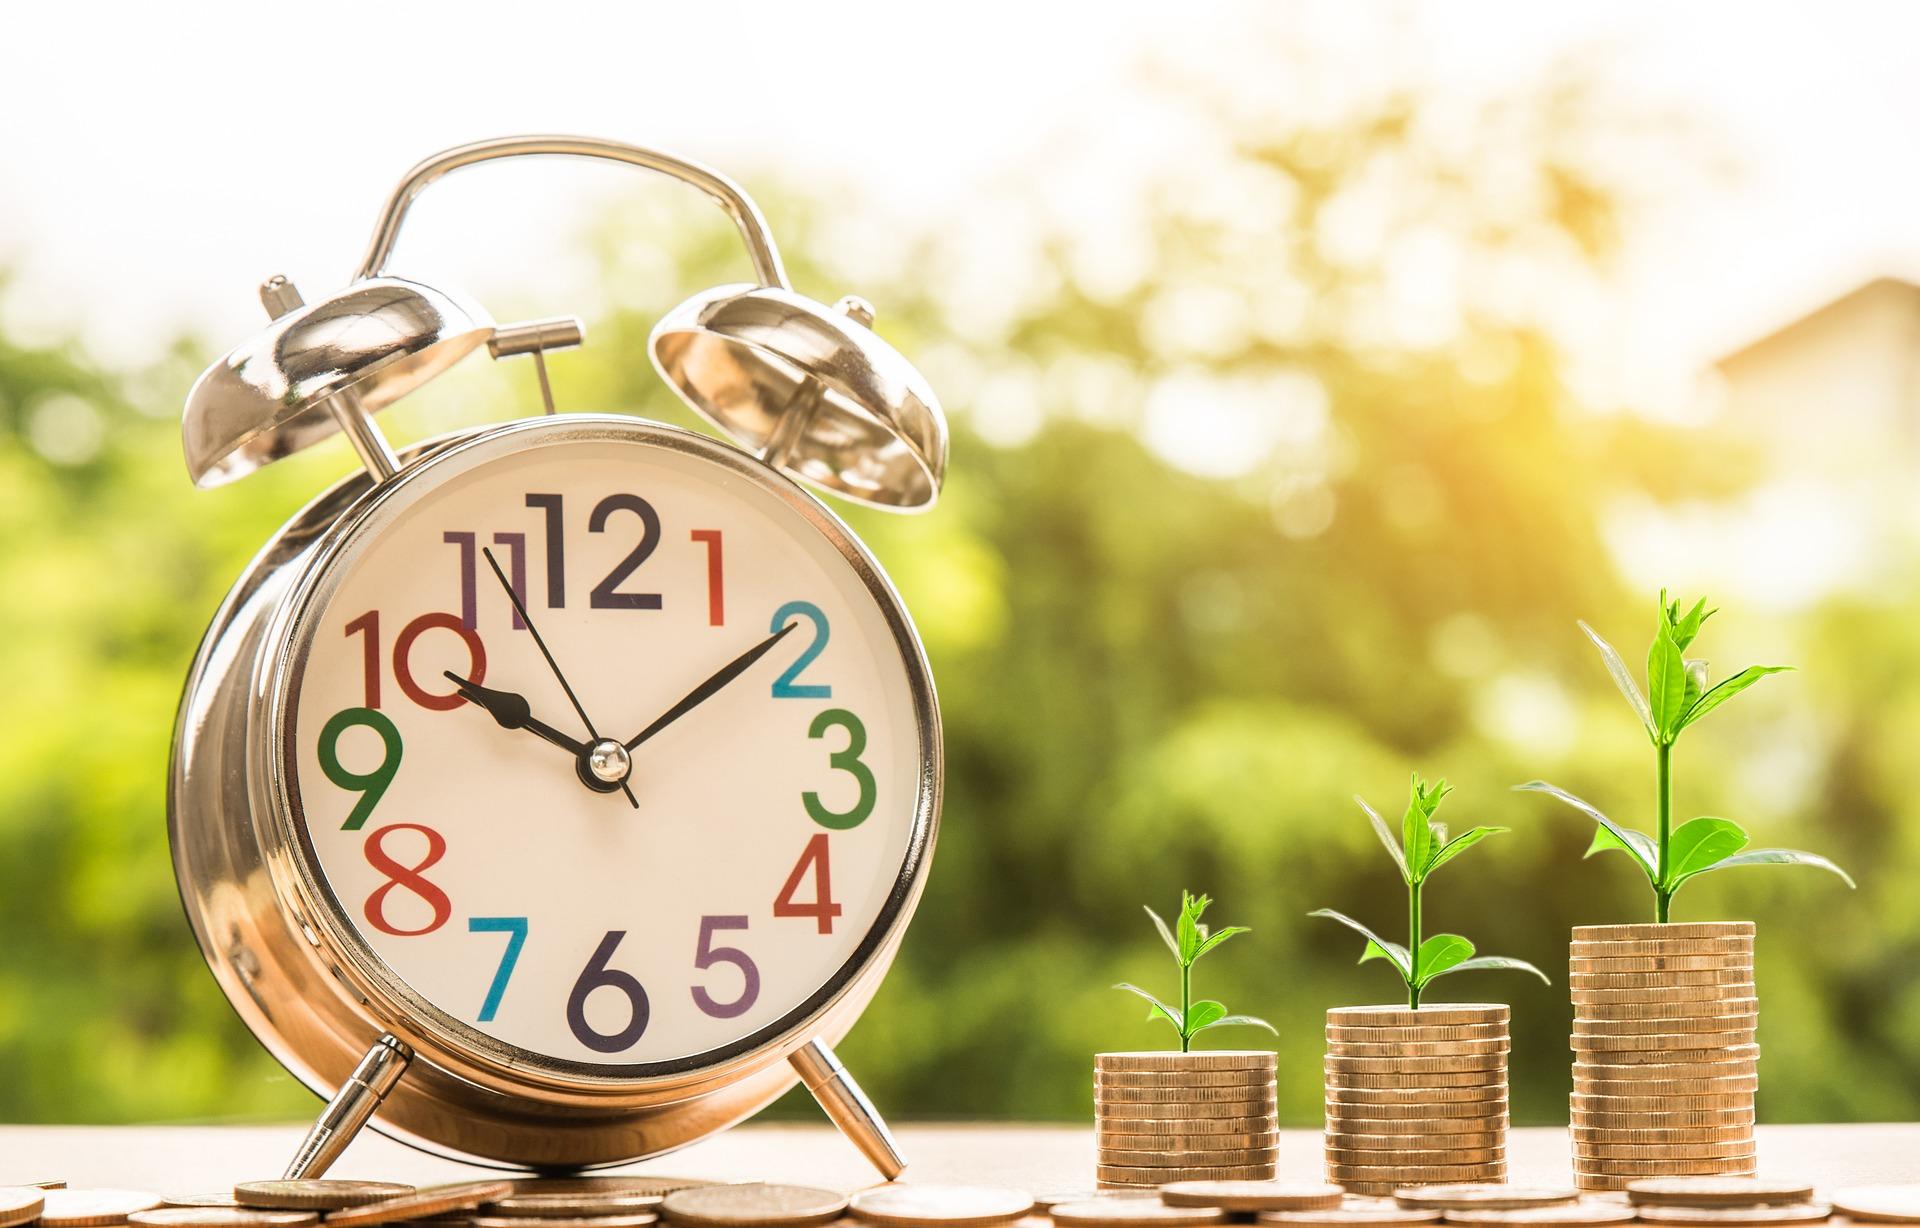 Pályázatot írnak ki a pénzügyi tudatosság fejlesztésére